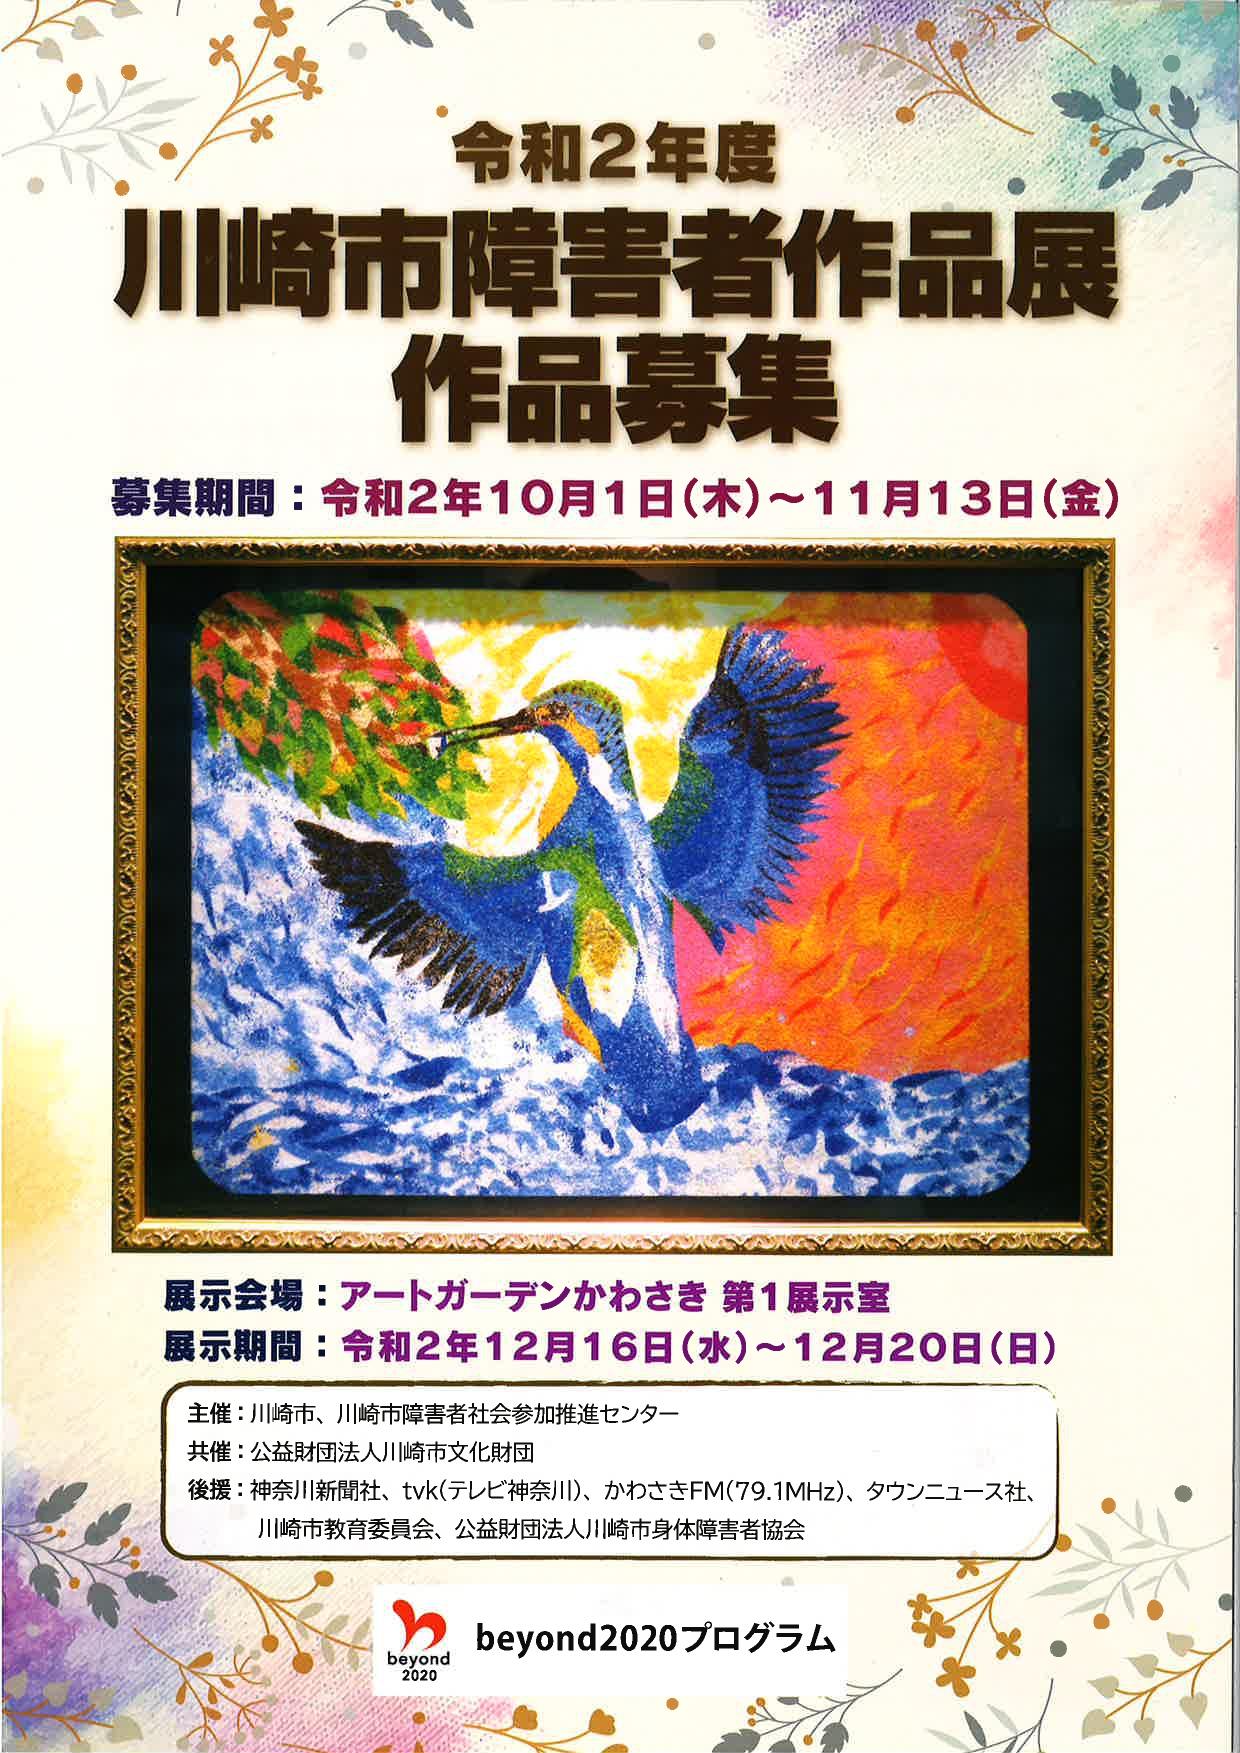 イメージ:令和2年度川崎市障害者作品展 作品募集